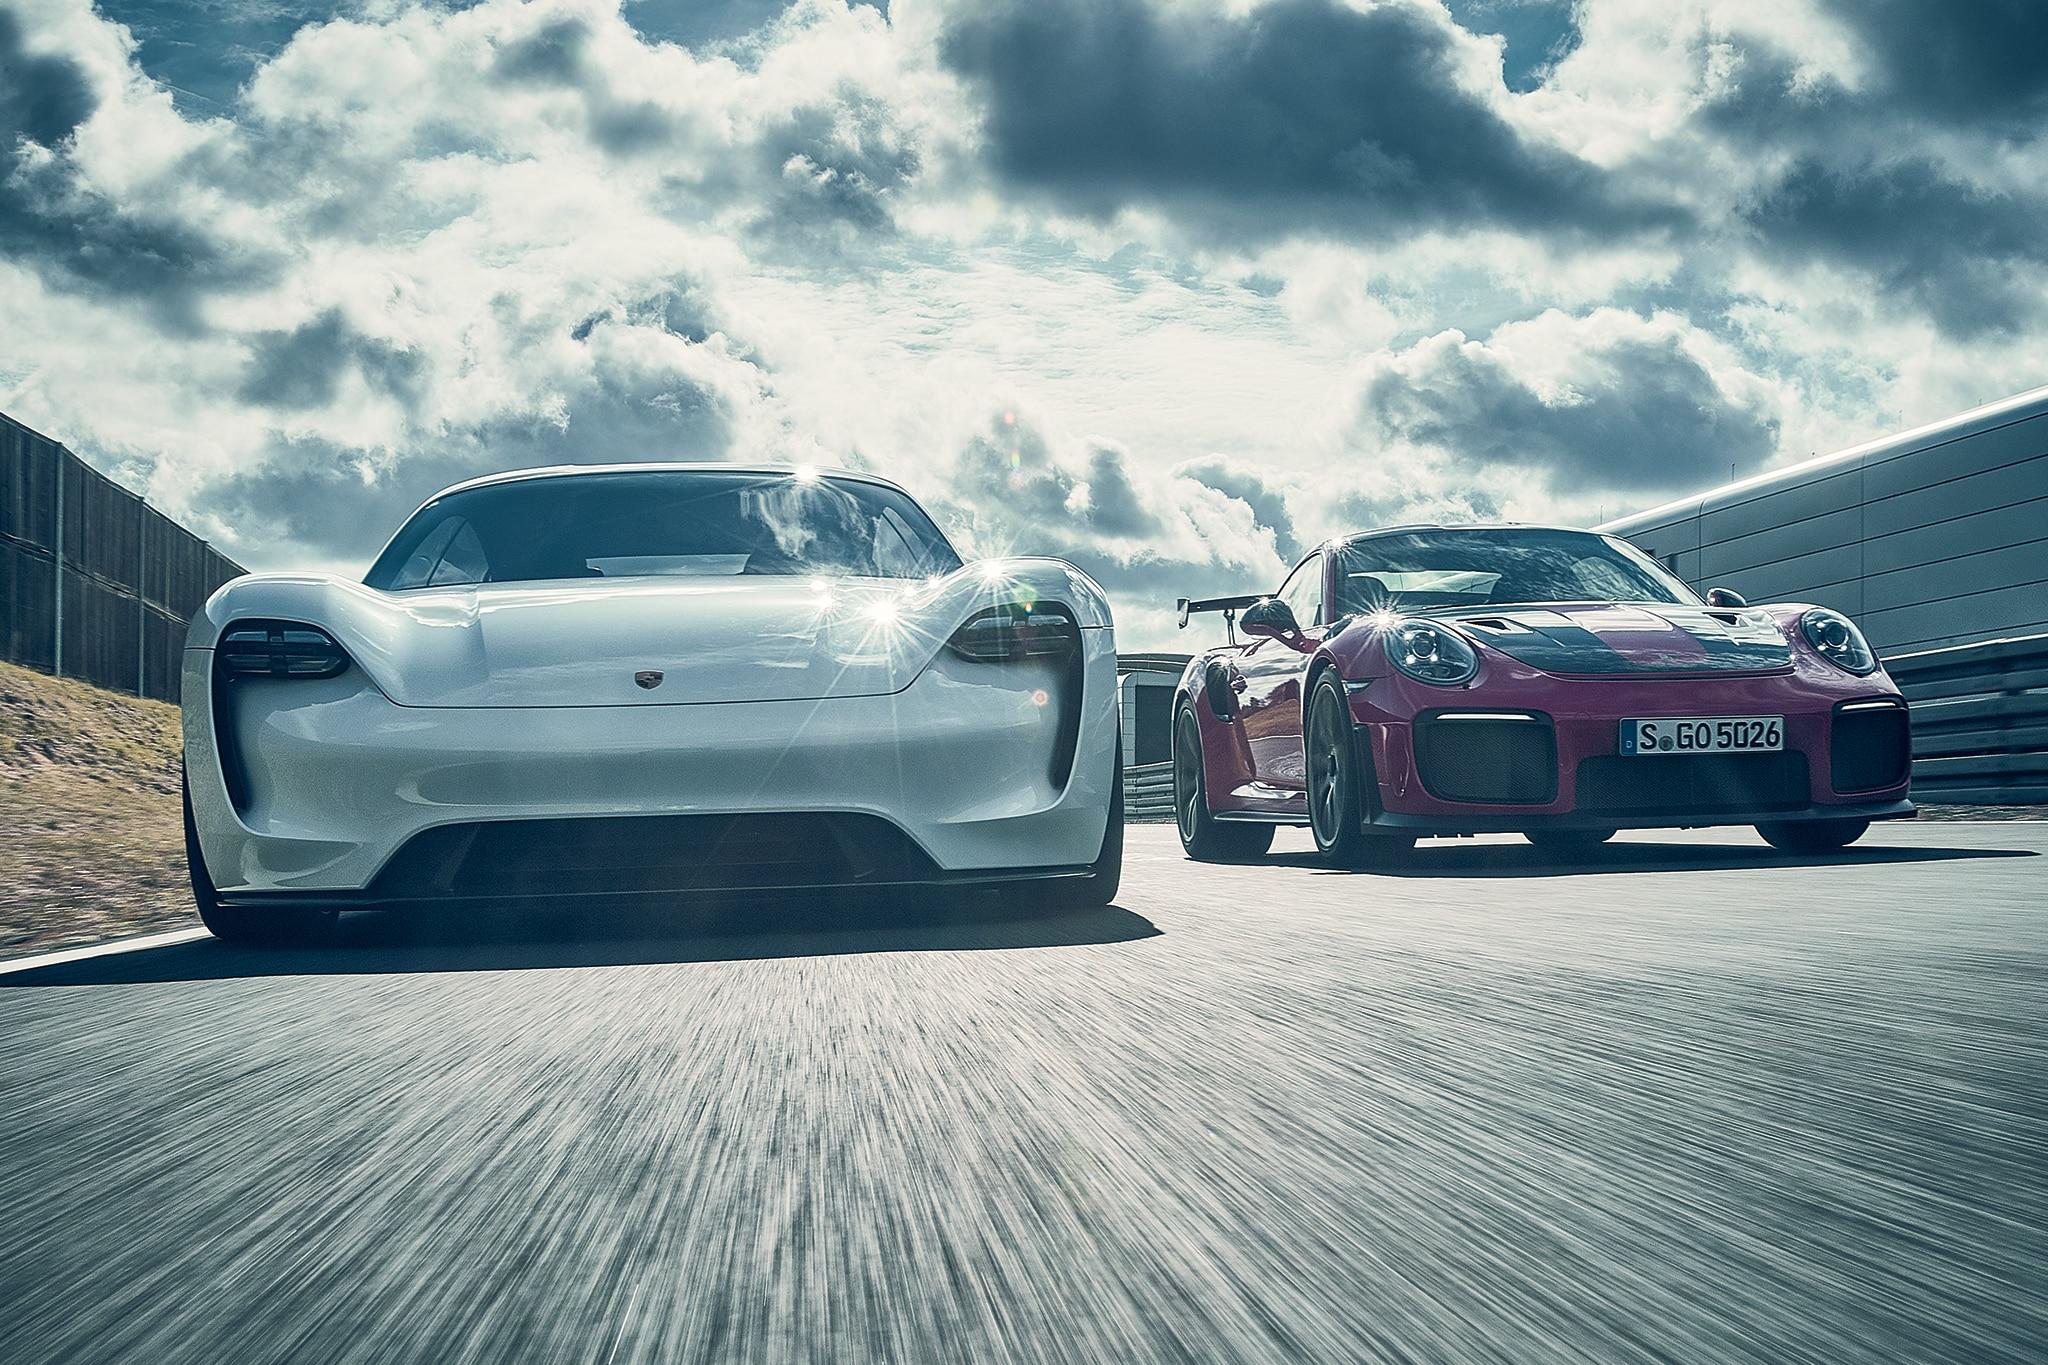 2018 Porsche 911 GT2 RS And 2020 Porsche Mission E 01